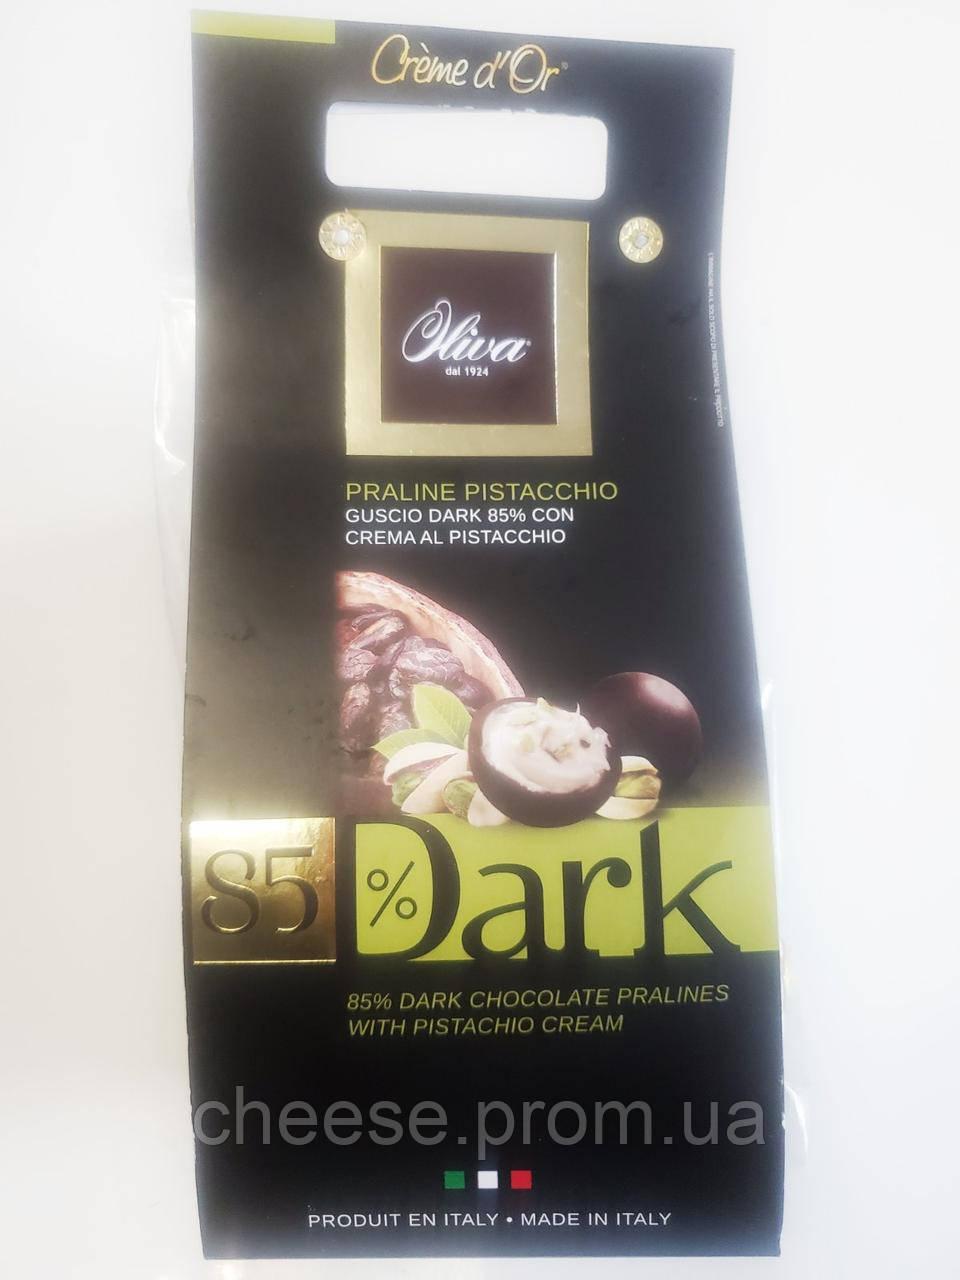 Конфеты пралине черный шоколад 85% с молочно фисташковой начинкой ТМ Олива, фото 1